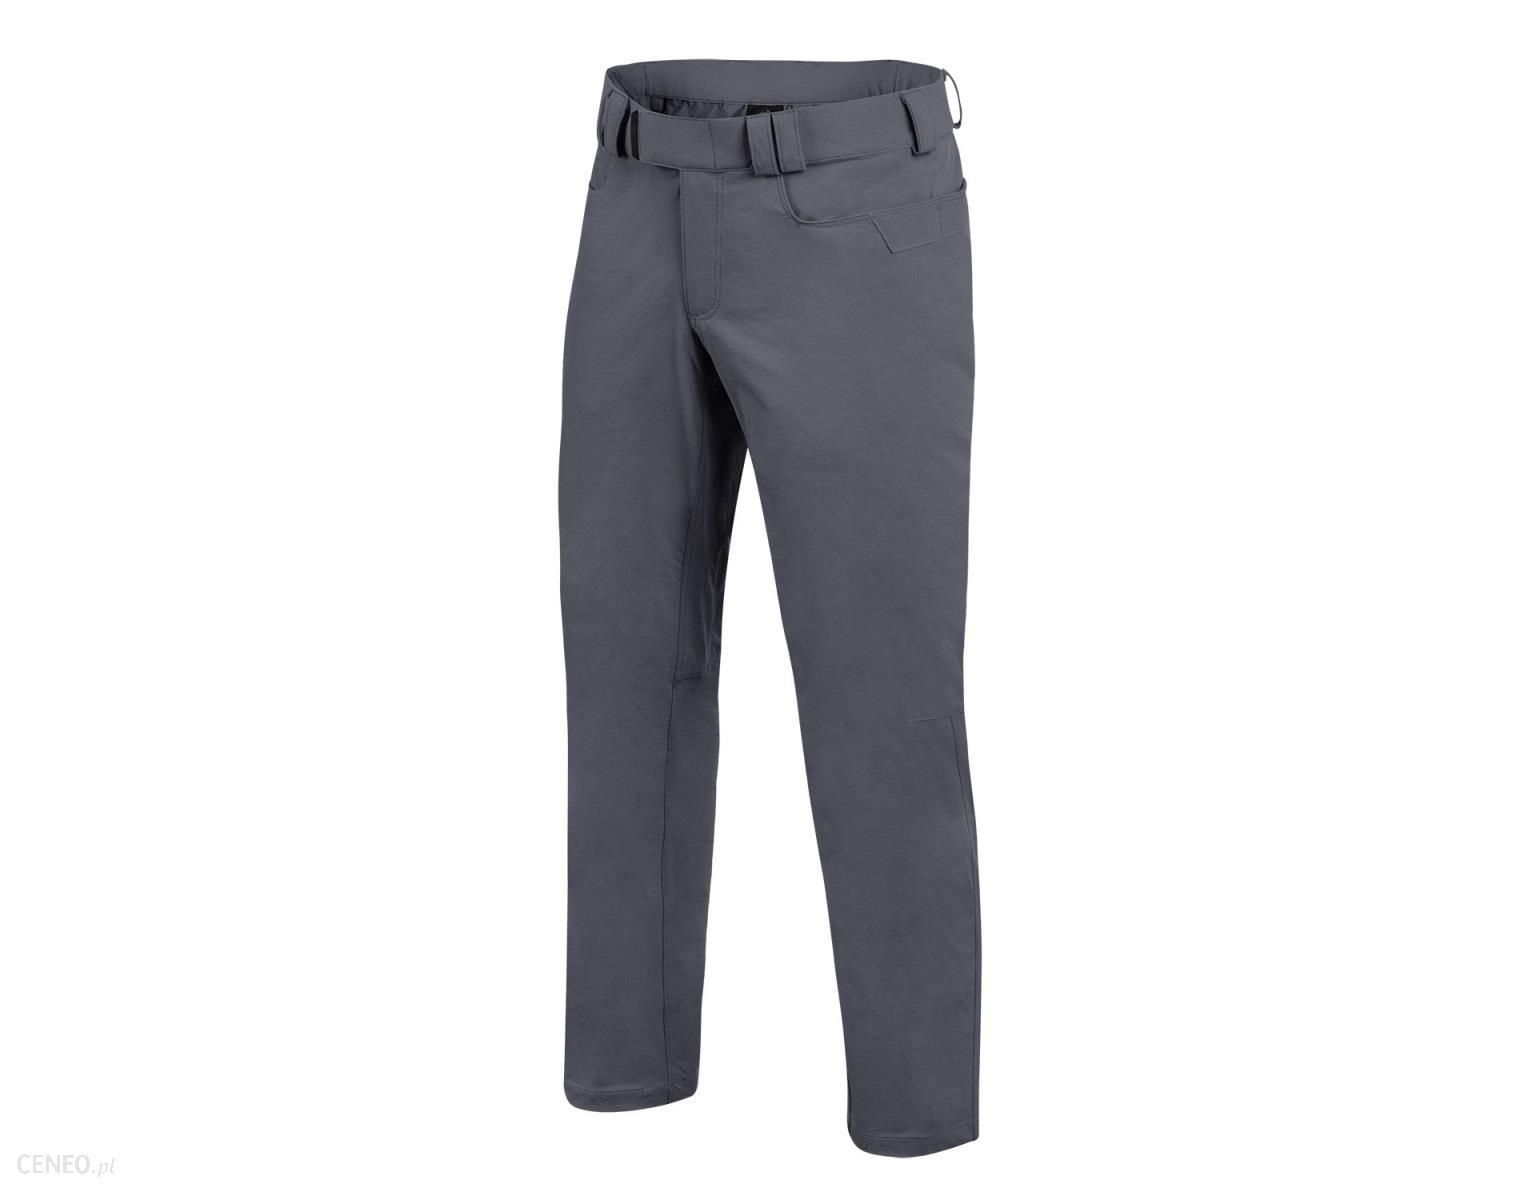 Spodnie bojówki Helikon Ctp Shadow Grey XLong